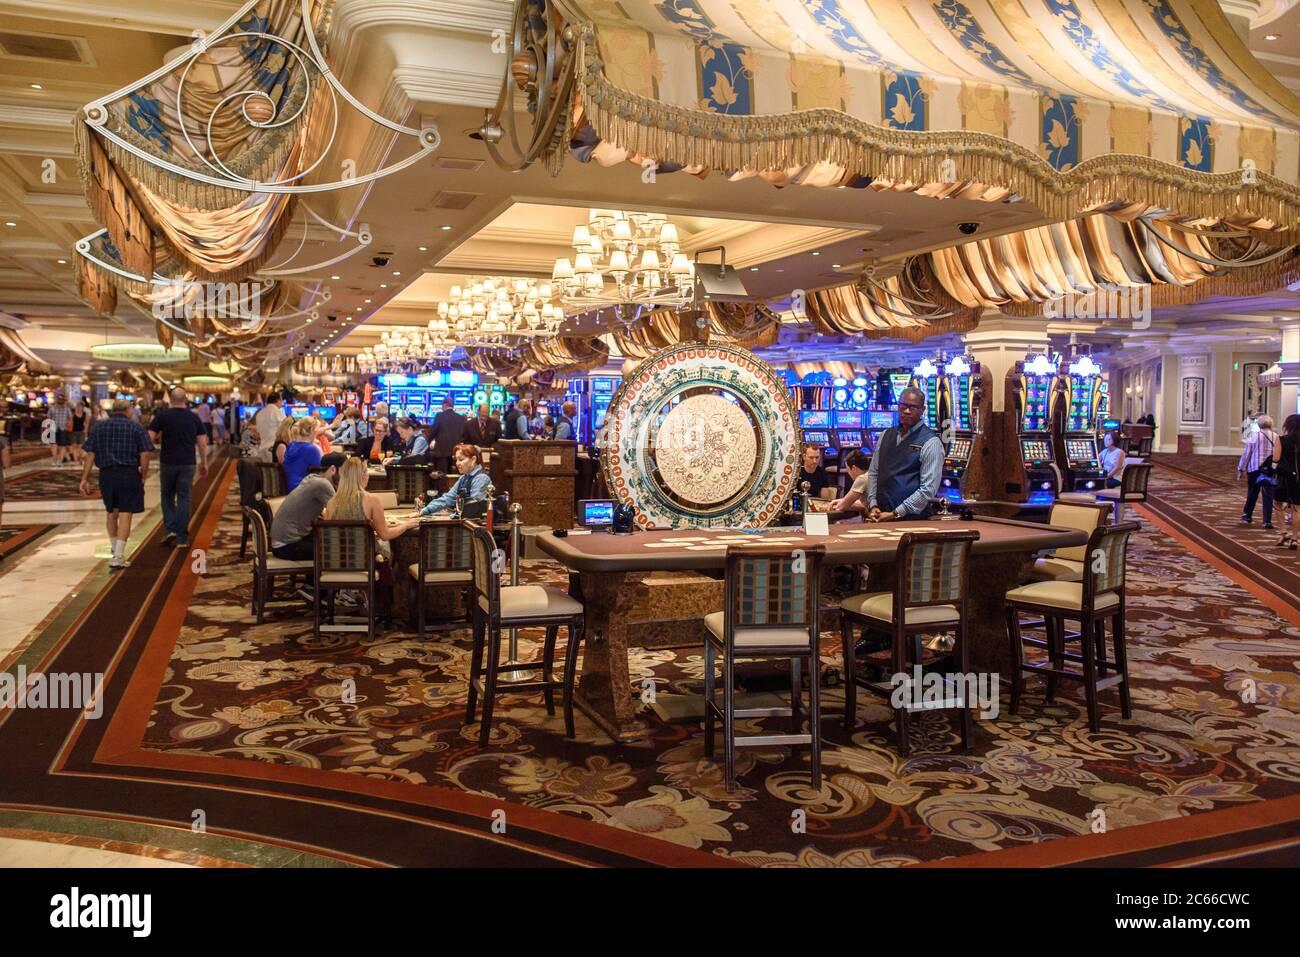 avalon casinos frankfurt